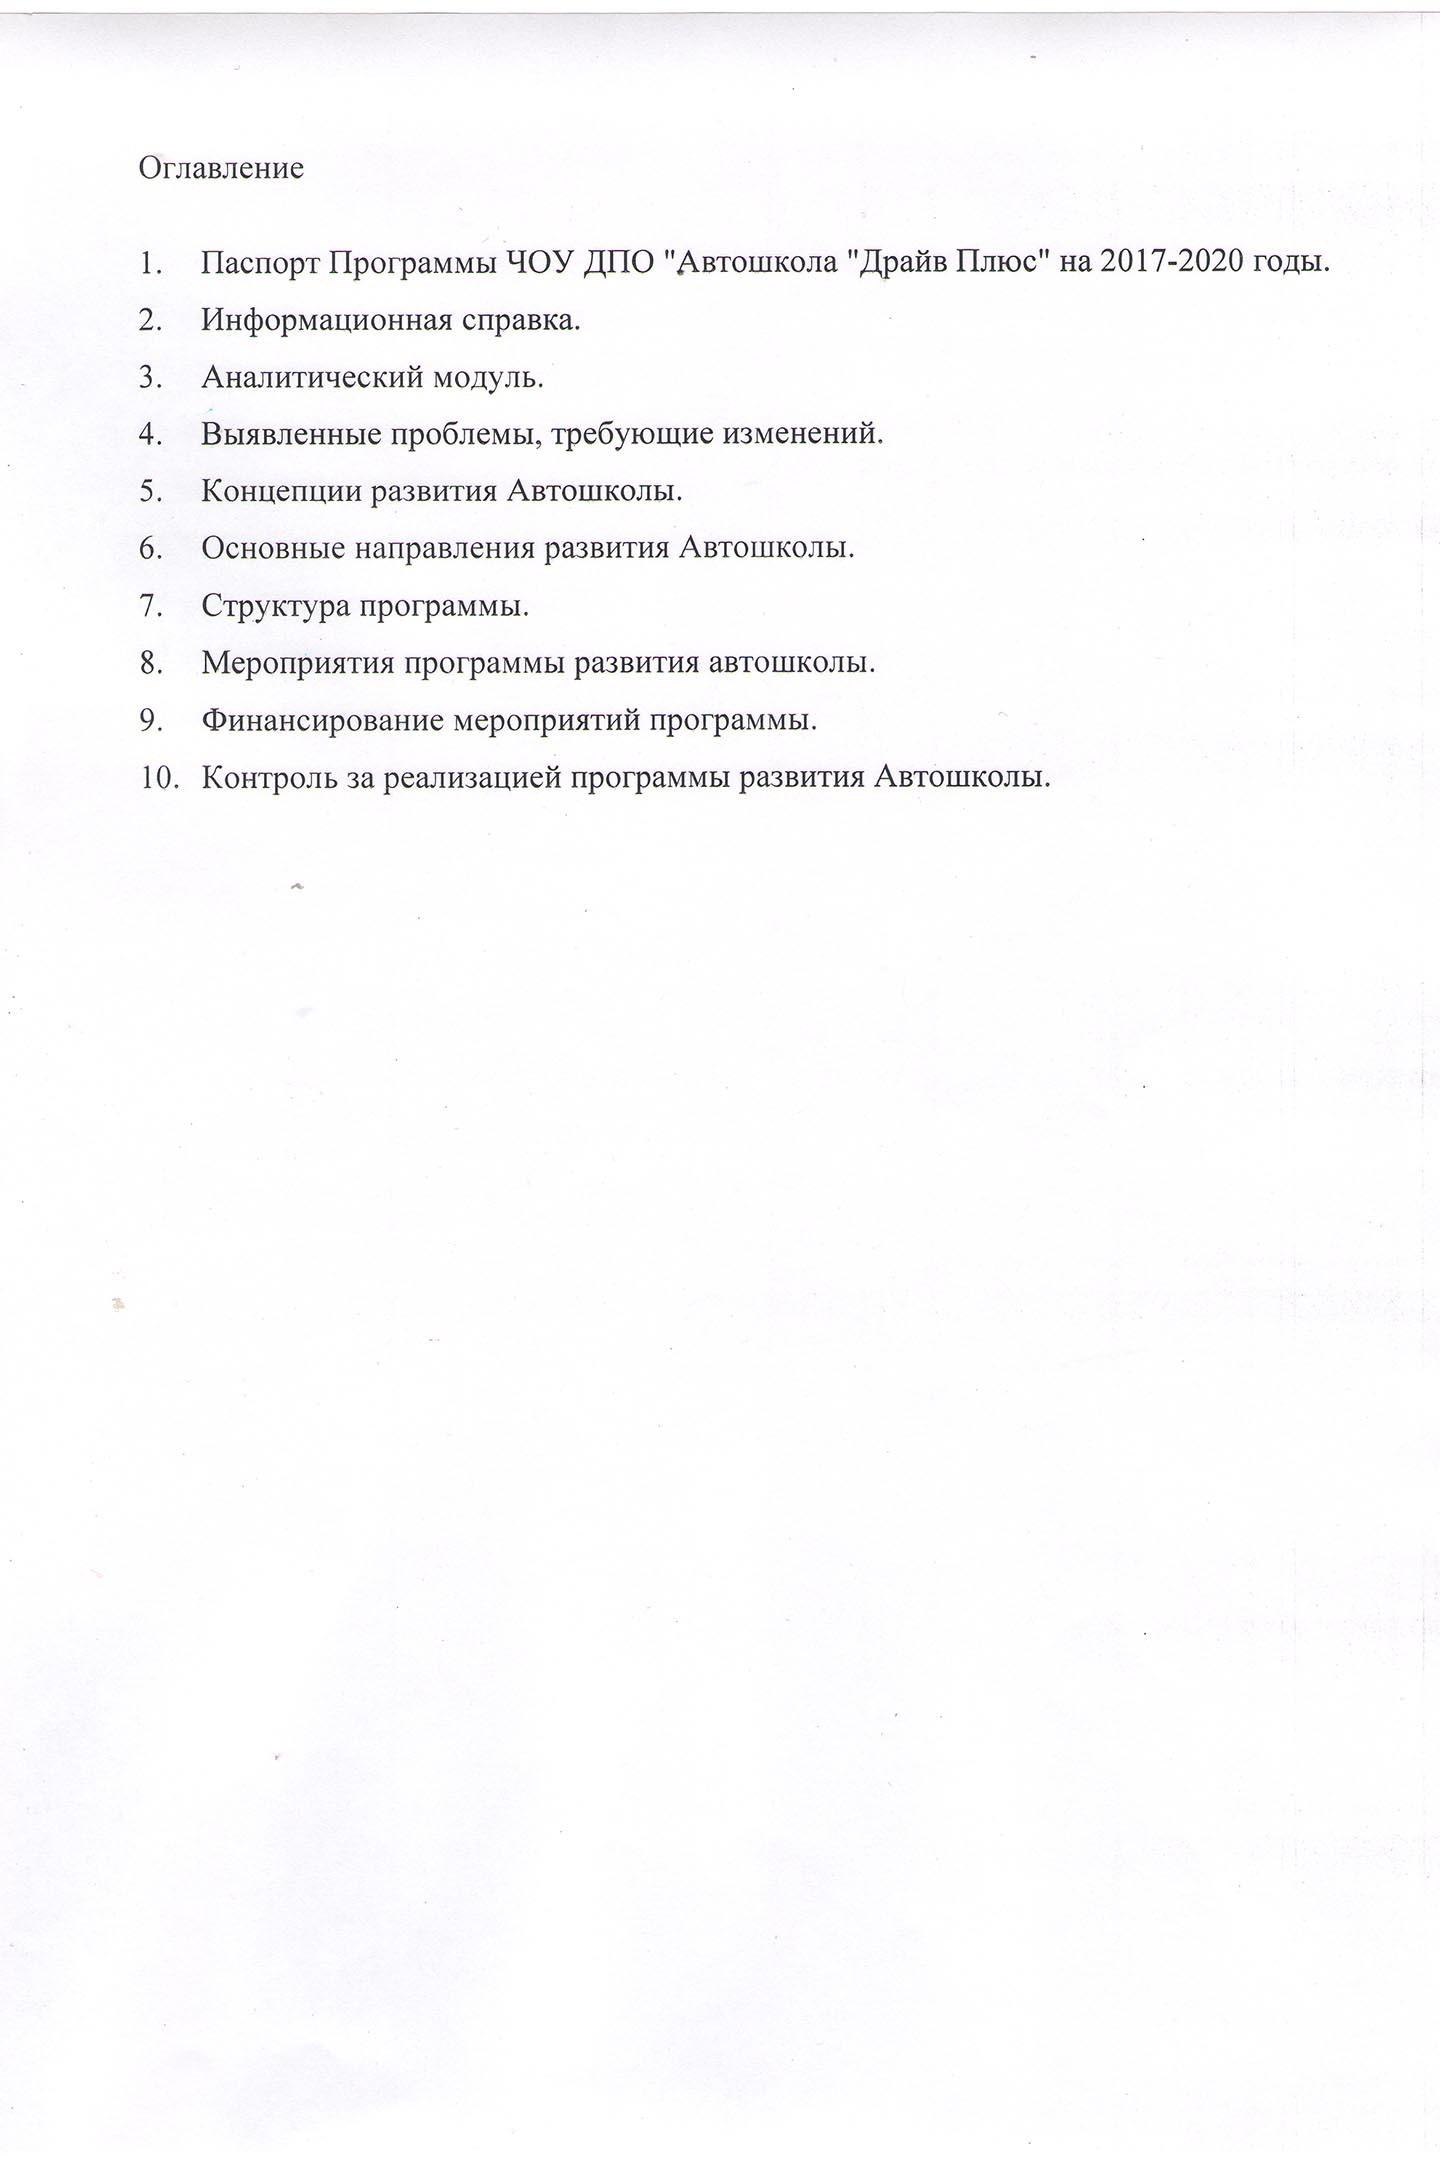 должностная инструкция методиста автошколы